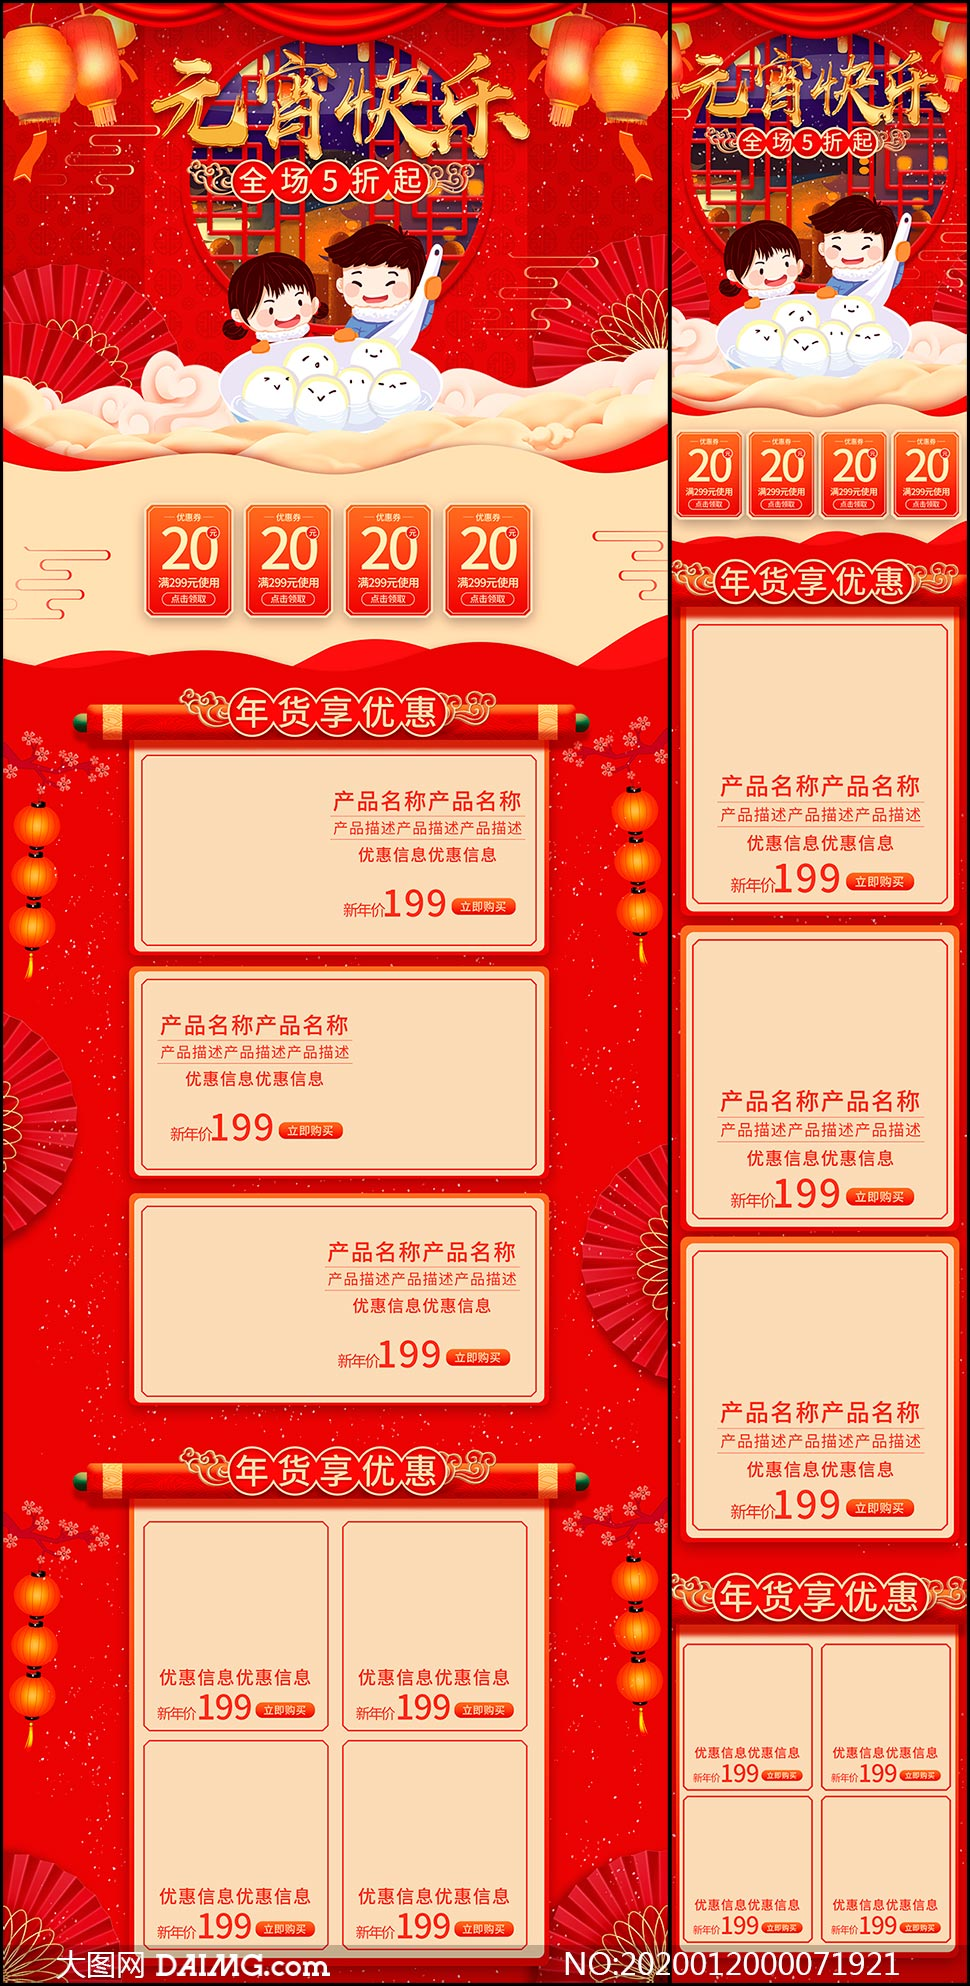 天猫元宵节首页设计模板时时彩网投平台